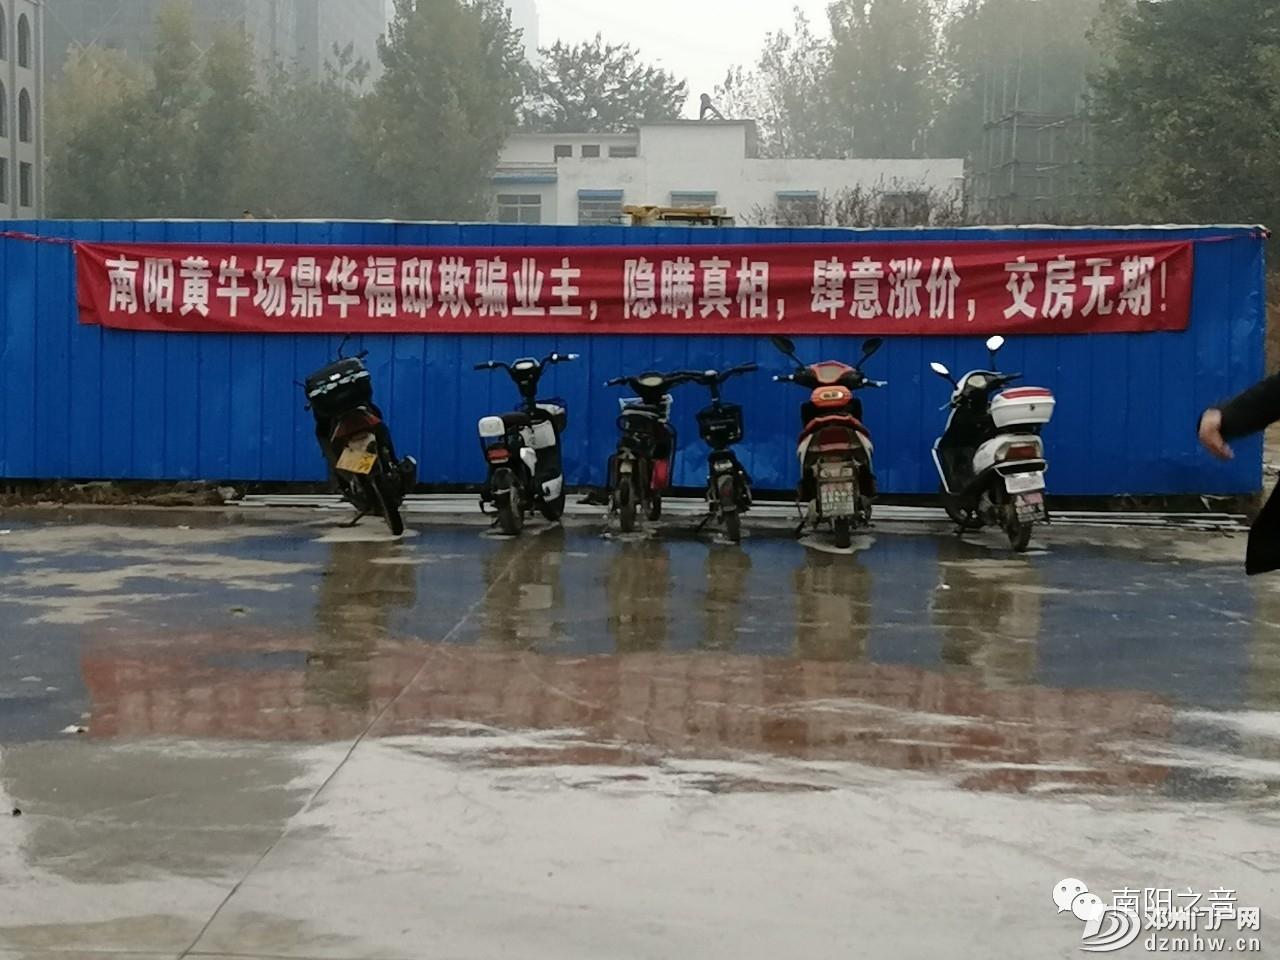 邓州125户业主在瑟瑟寒风中维权,谁来保障他们的权益? - 邓州门户网 邓州网 - d1fce4d7e28a1a715122075a661ff0d5.jpg